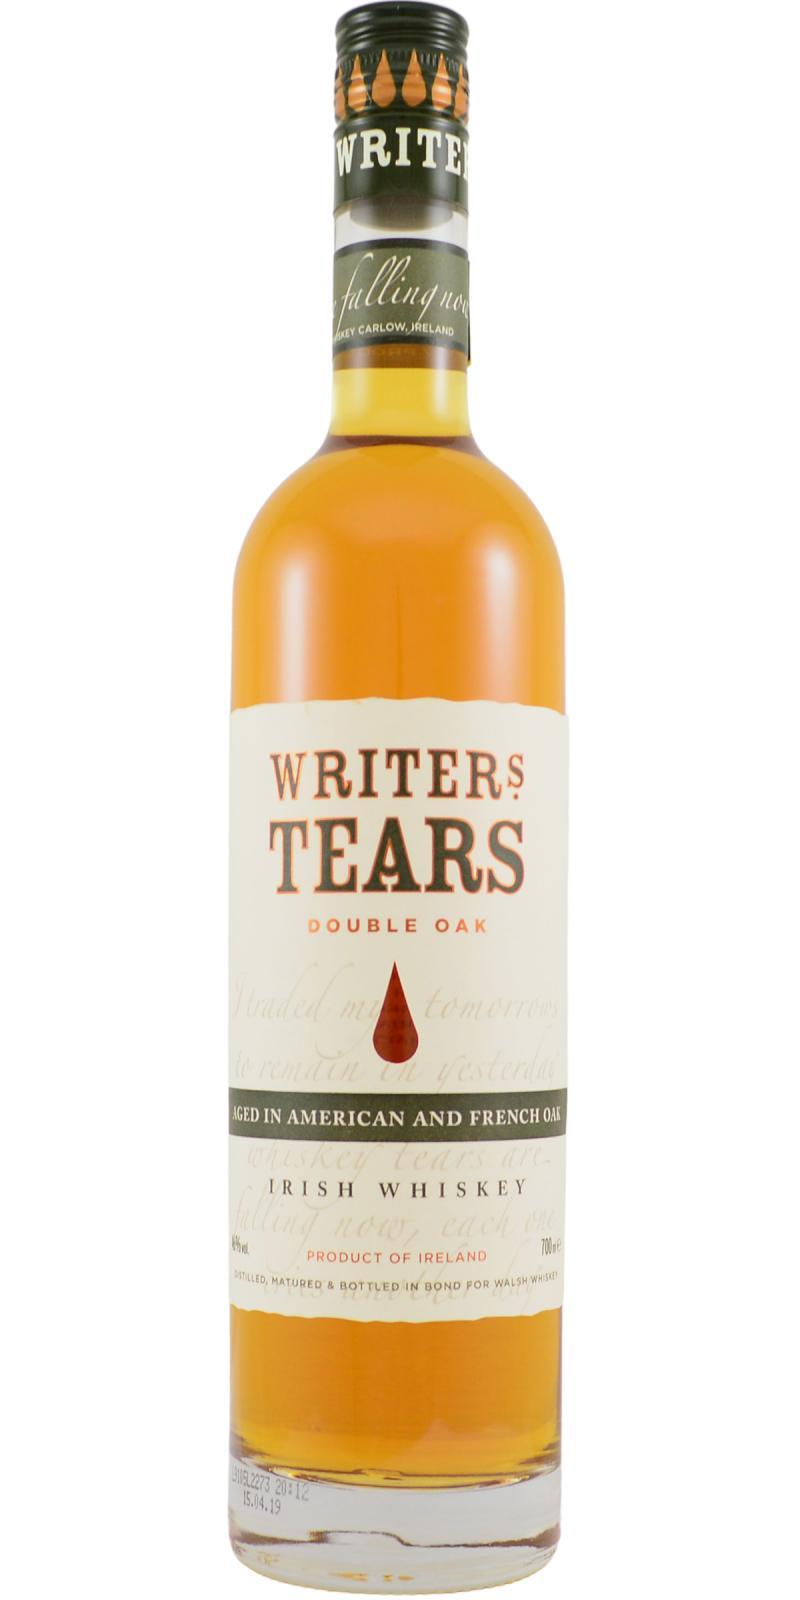 Writer's Tears Double Oak